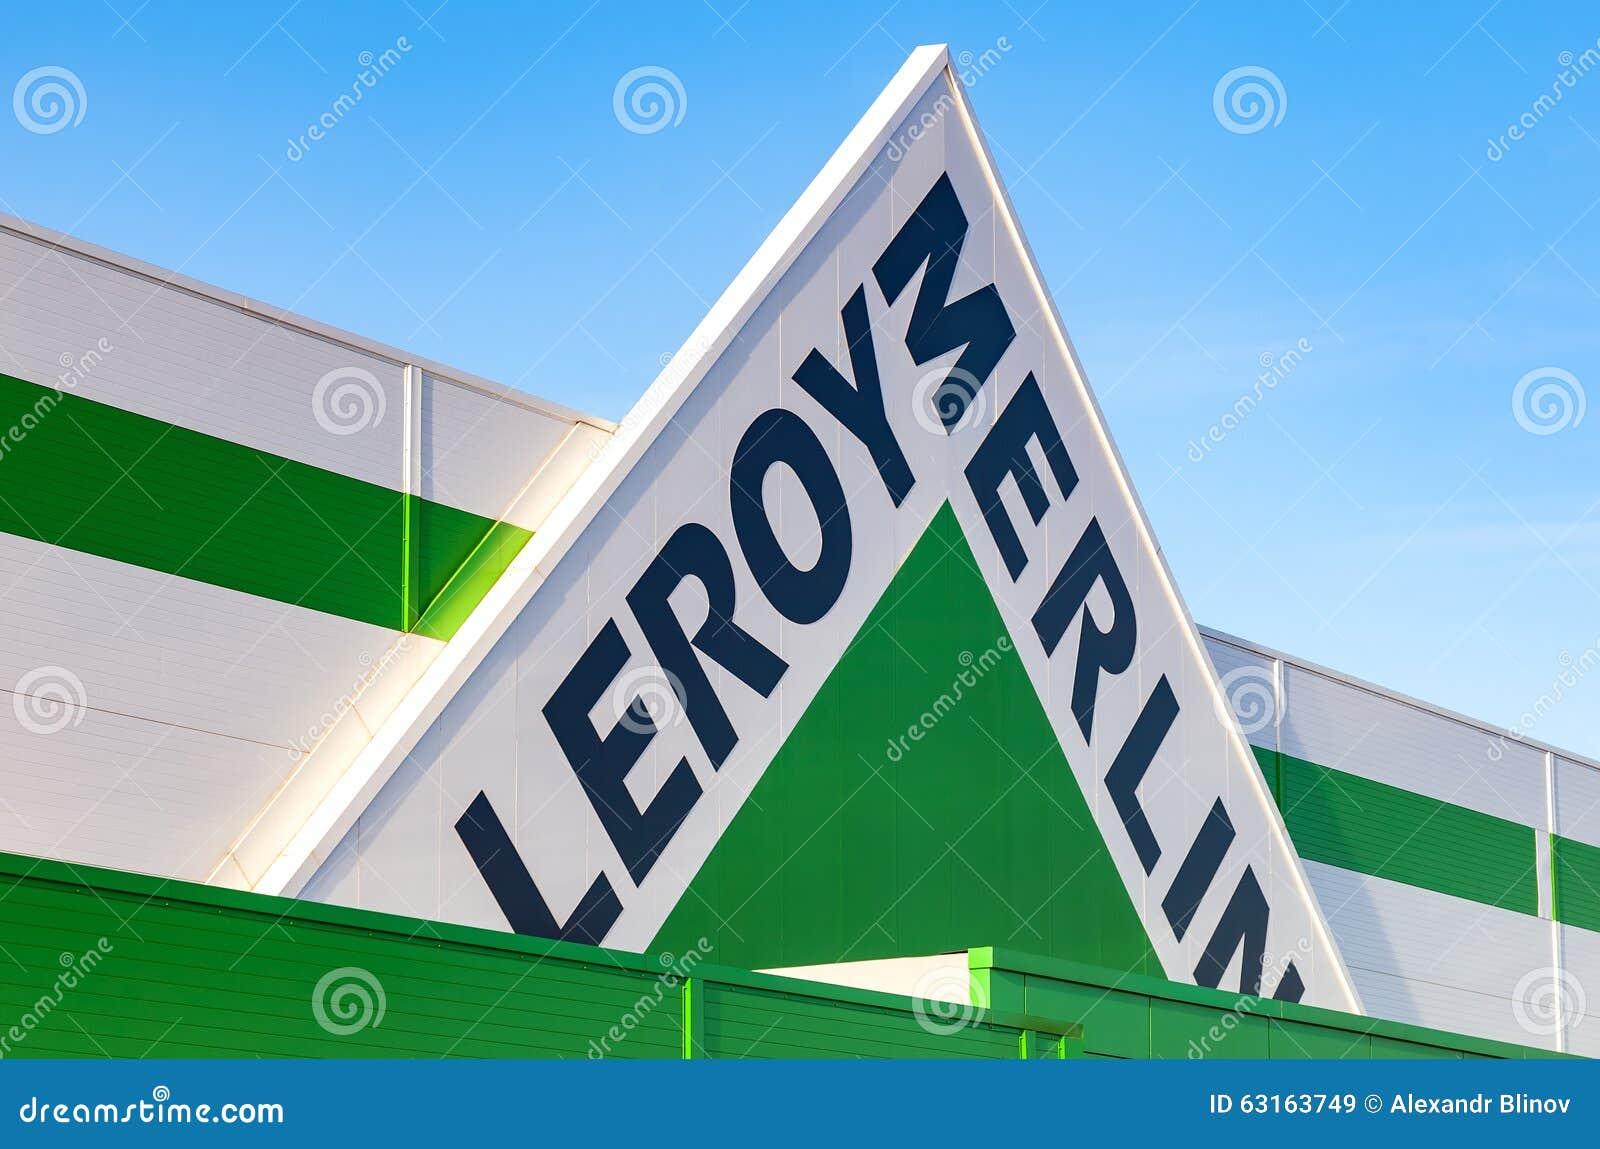 Leroy merlin merkteken tegen blauwe hemel redactionele stock afbeelding afbeelding 63163749 - Winkel balkon leroy merlin ...